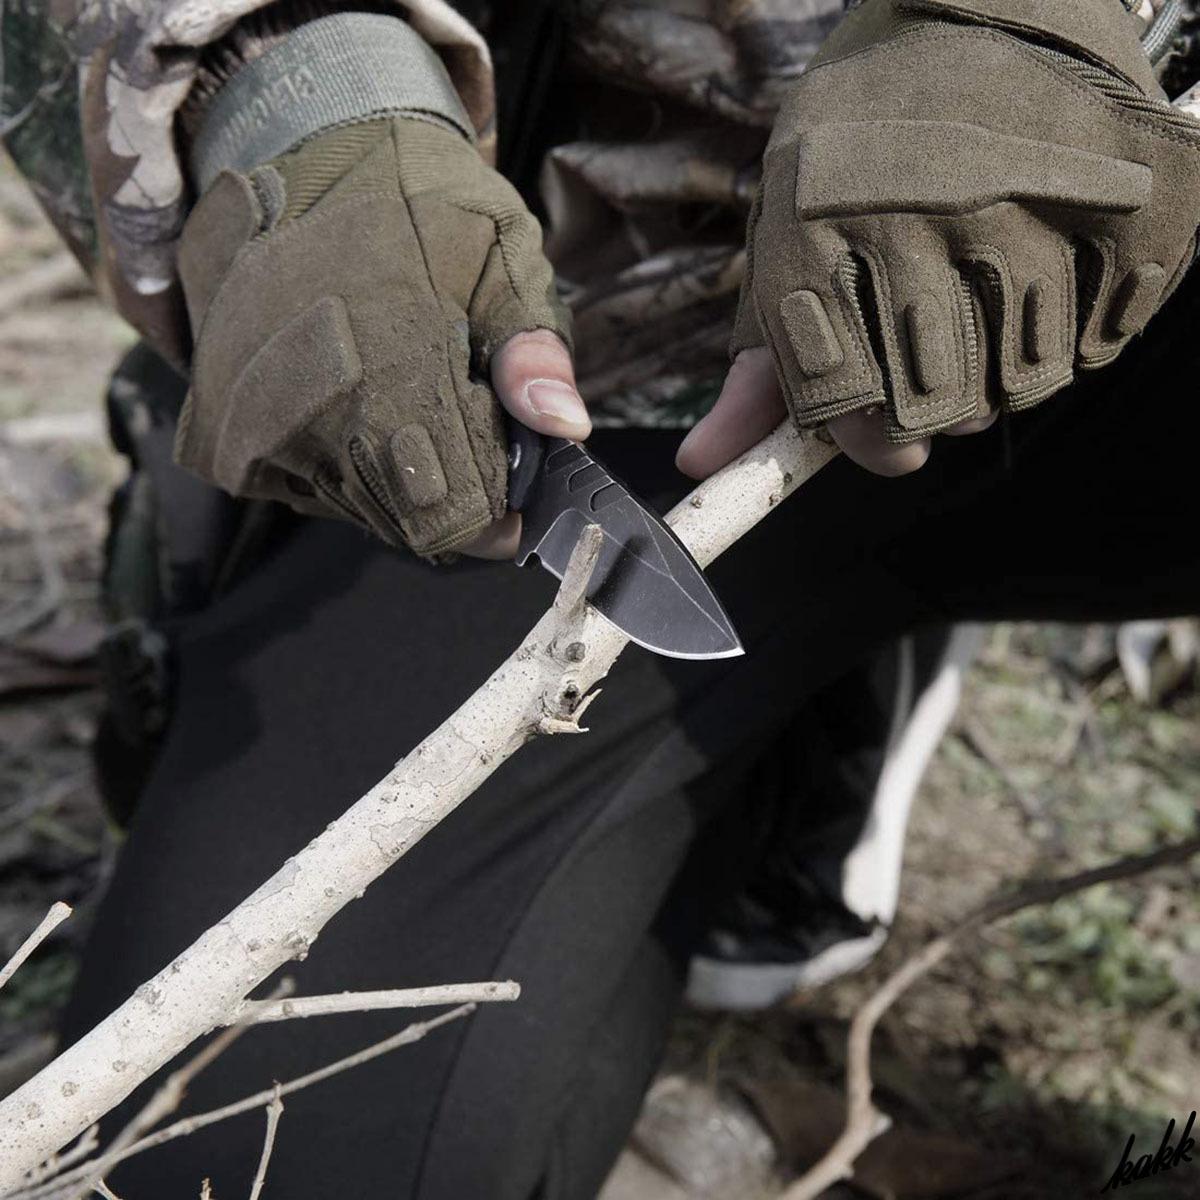 【小型シースナイフ】 フルタング構造 G10ハンドル ドロップポイント ABS樹脂 ストーンウォッシュ処理 アウトドア包丁 キャンプ 釣り